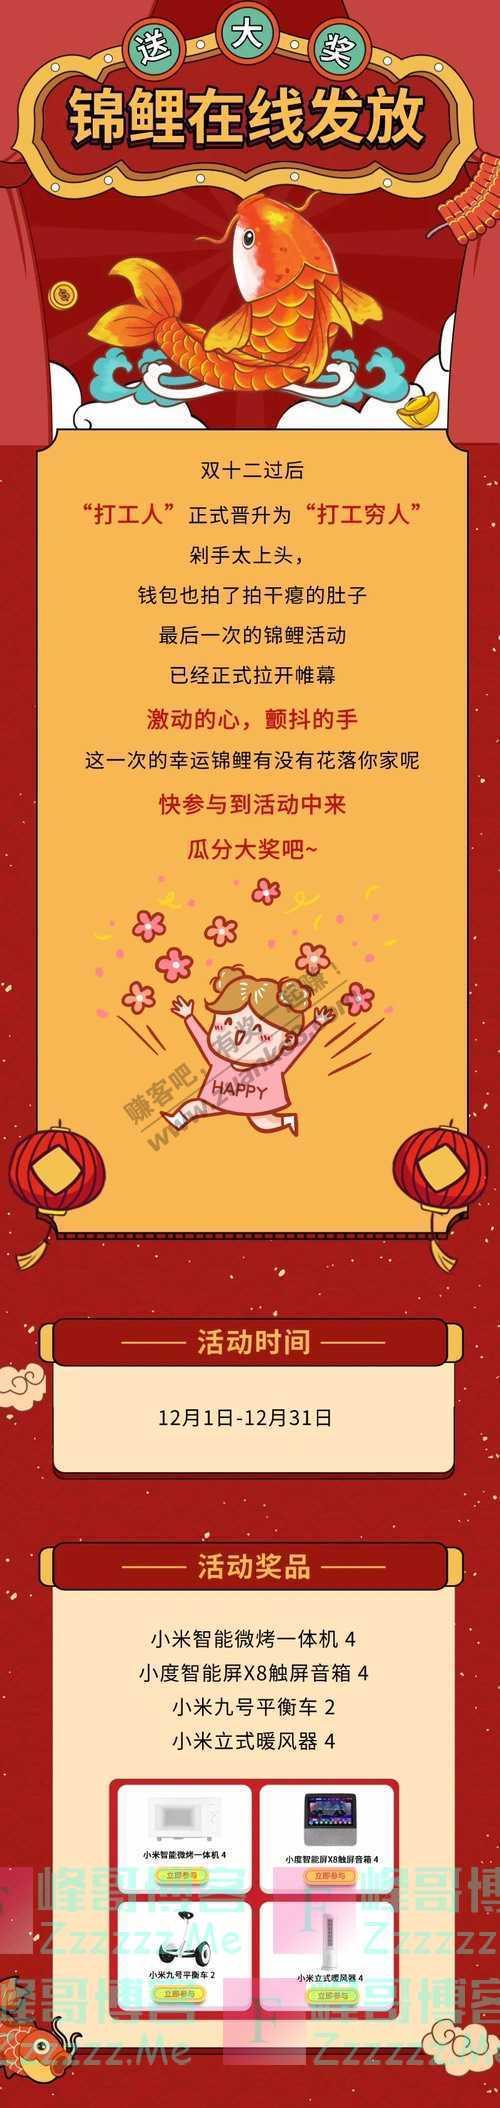 中国银行山东分行【送大奖】您有一辆小米平衡车待领取!(12月31日截止)